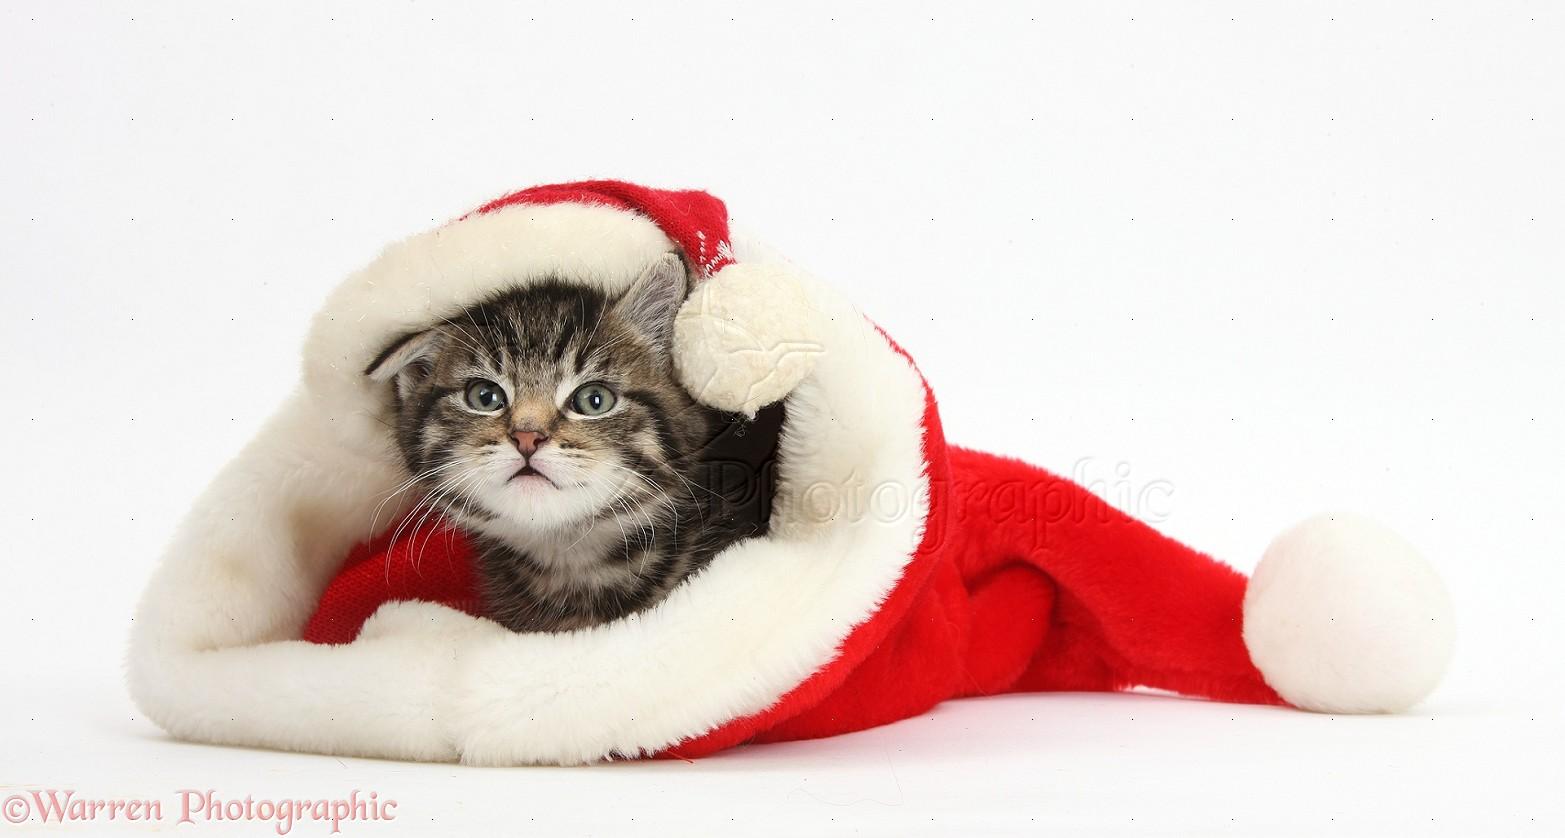 Cute Tabby Kitten Wearing A Santa Hat Photo WP37817